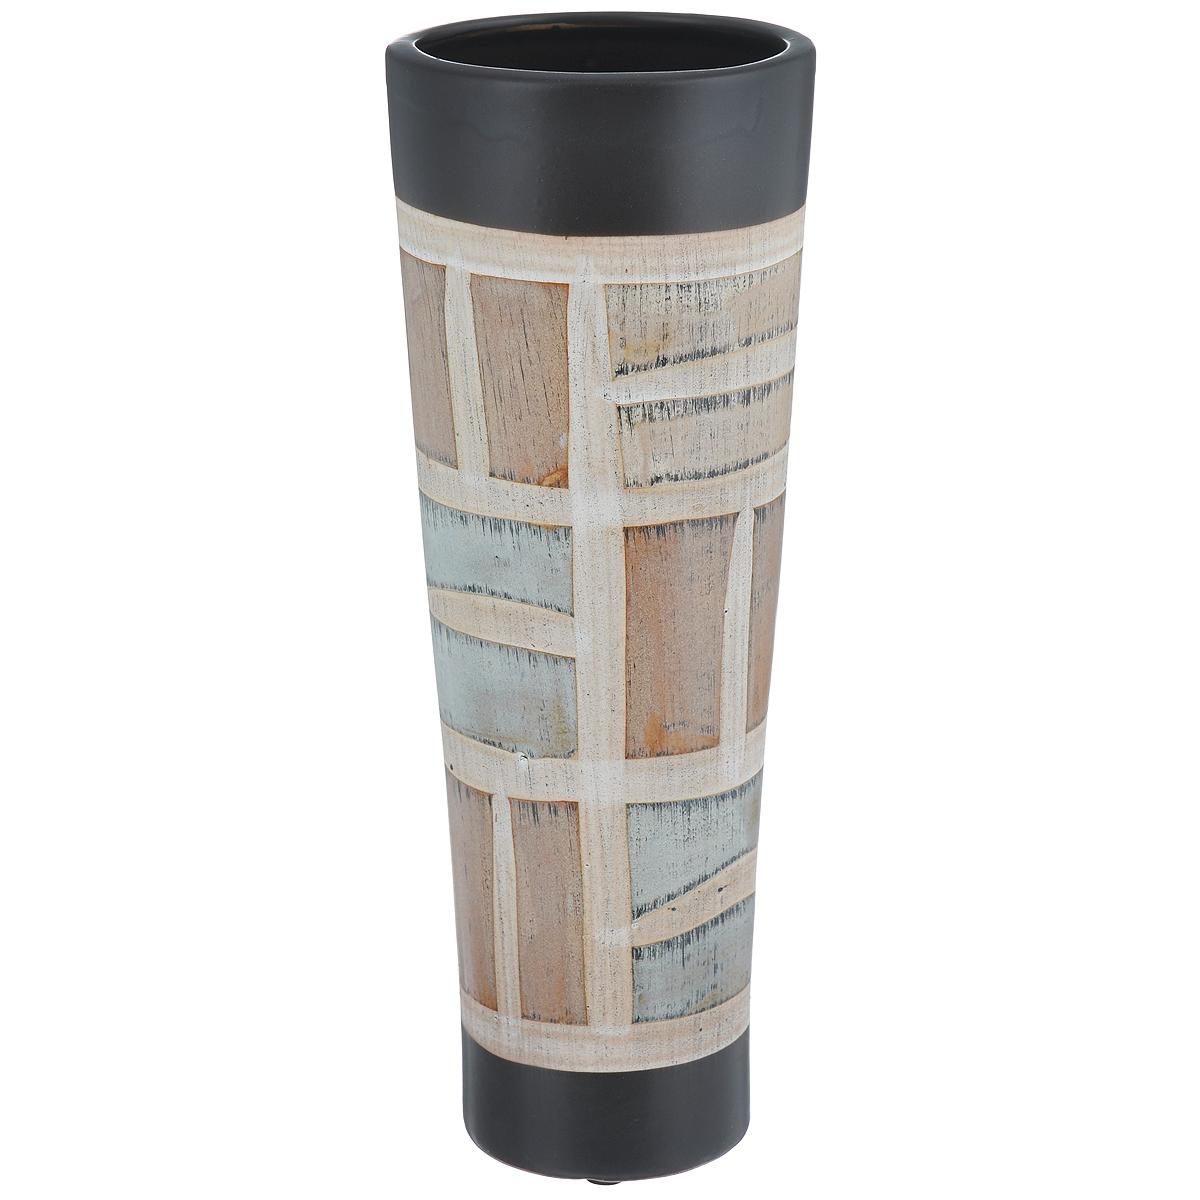 Ваза декоративная Геометрический орнамент, высота 29,5 см37410Элегантная ваза Геометрический орнамент, выполненная из высококачественного глазурованного фаянса, геометрическим орнаментом. Изделие оснащено резиновыми ножками, предотвращающими скольжение вазы по поверхности. Оригинальный дизайн вазы Геометрический орнамент придется по вкусу и ценителям классики, и тем, кто предпочитает утонченность и изящность. Вы можете поставить вазу в любом месте, где она будет удачно смотреться и радовать глаз. Такая ваза подойдет и для цветов, и для декора интерьера. Кроме того - это отличный вариант подарка для ваших близких и друзей. Диаметр вазы (по верхнему краю): 11 см. Высота вазы: 29,5 см.